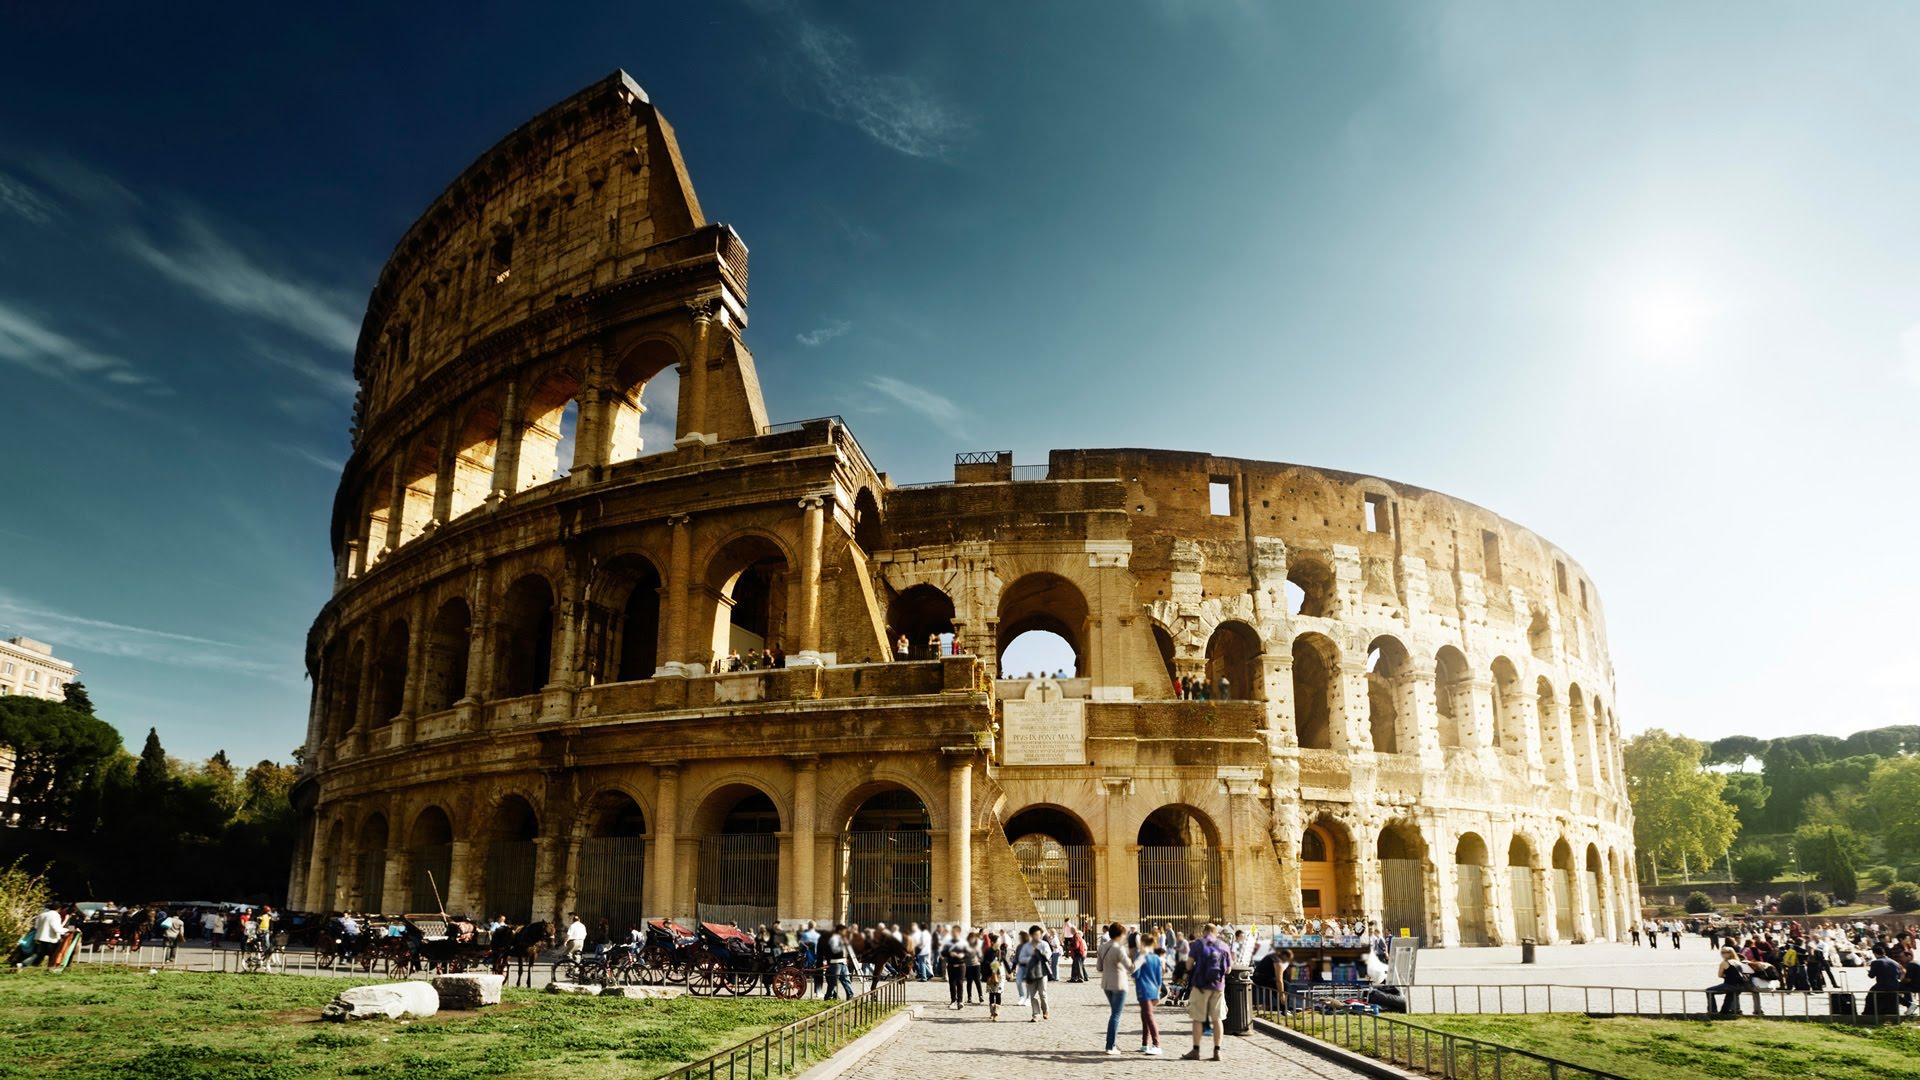 走吧!一起探索羅馬之美